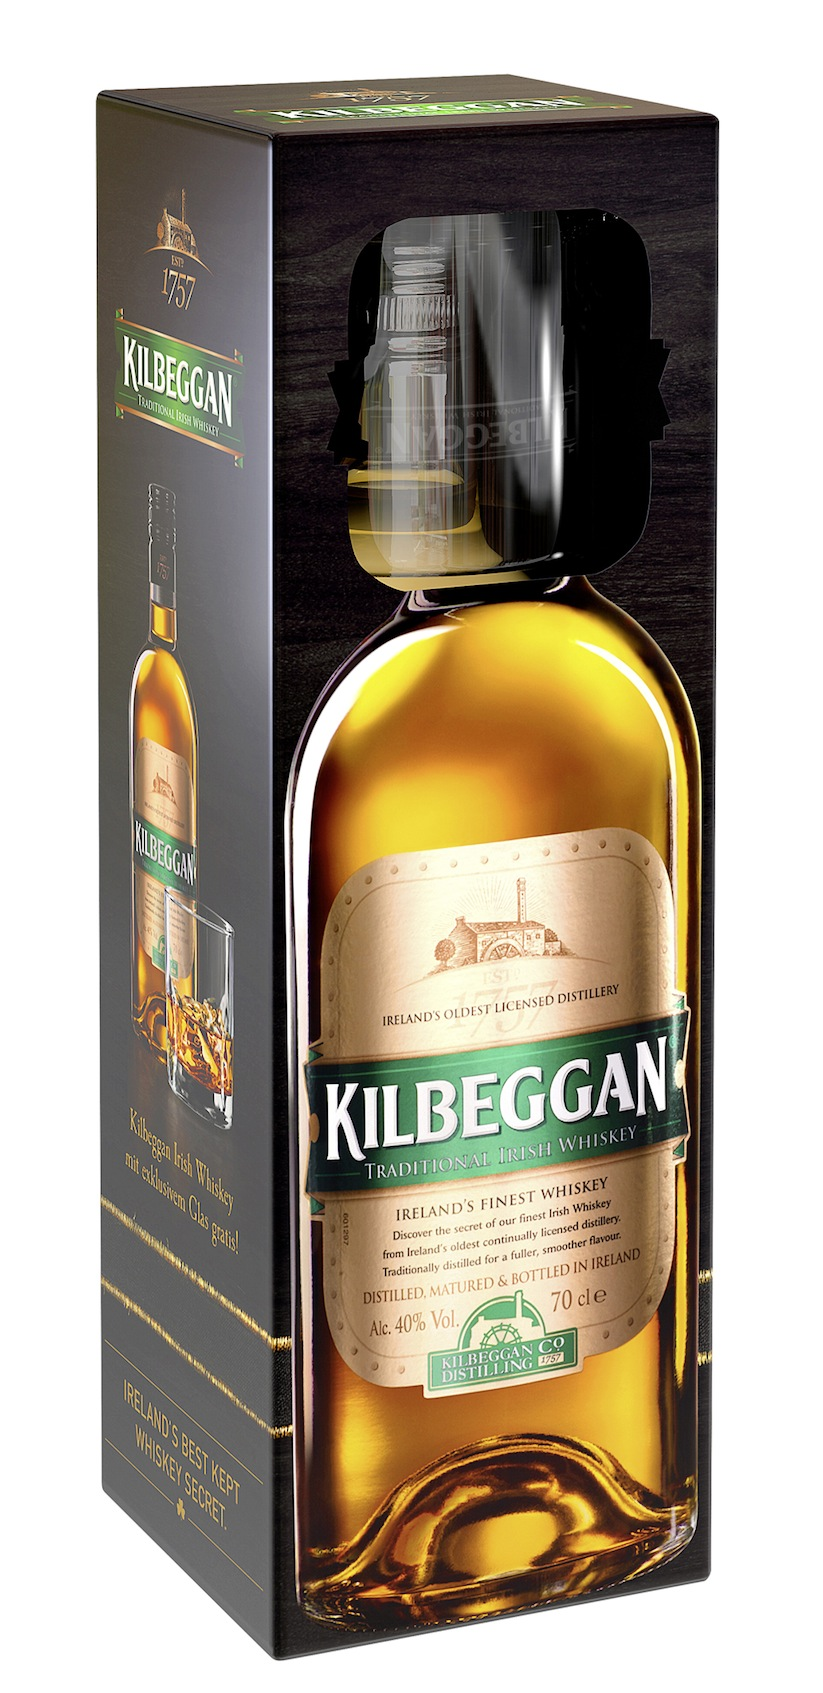 Kilbeggan_Irelands_Best_Kept_Whiskey_Secret_Gewinnspiel_2015_03